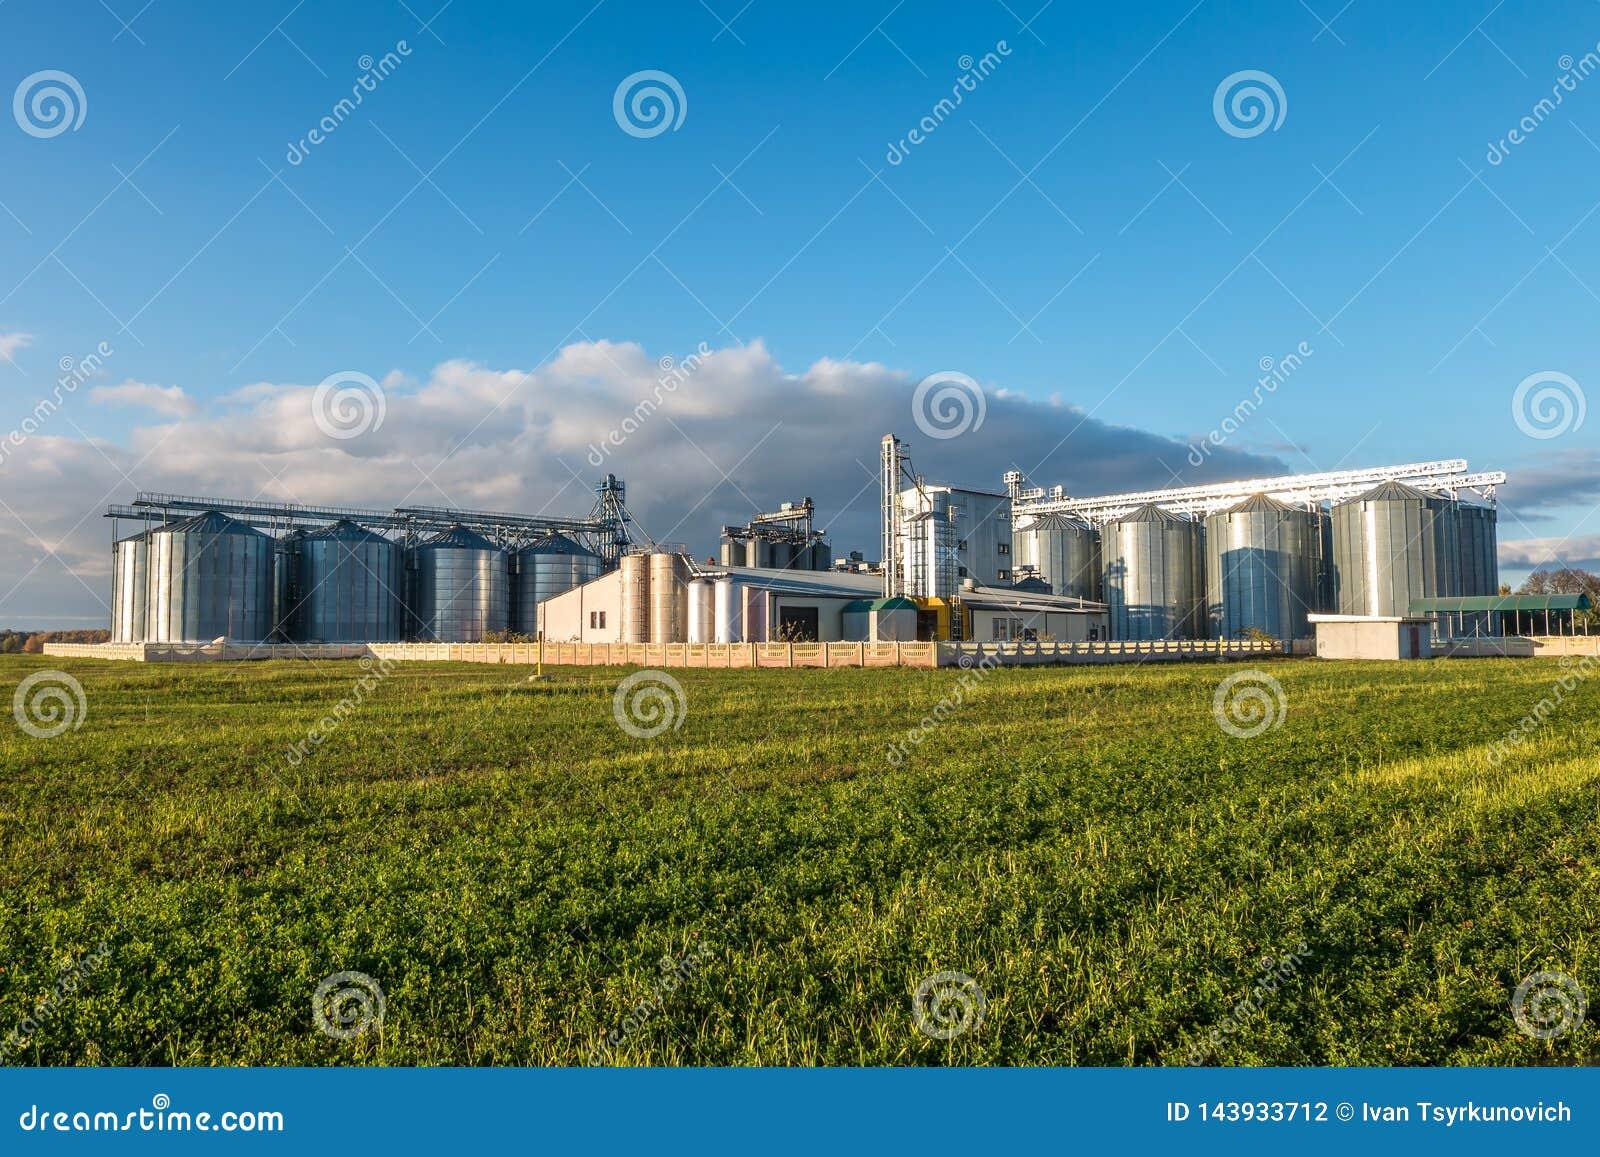 Agro-verwerkt installatie voor verwerking en silo s voor het drogen het schoonmaken en opslag van landbouwproducten, bloem, graan